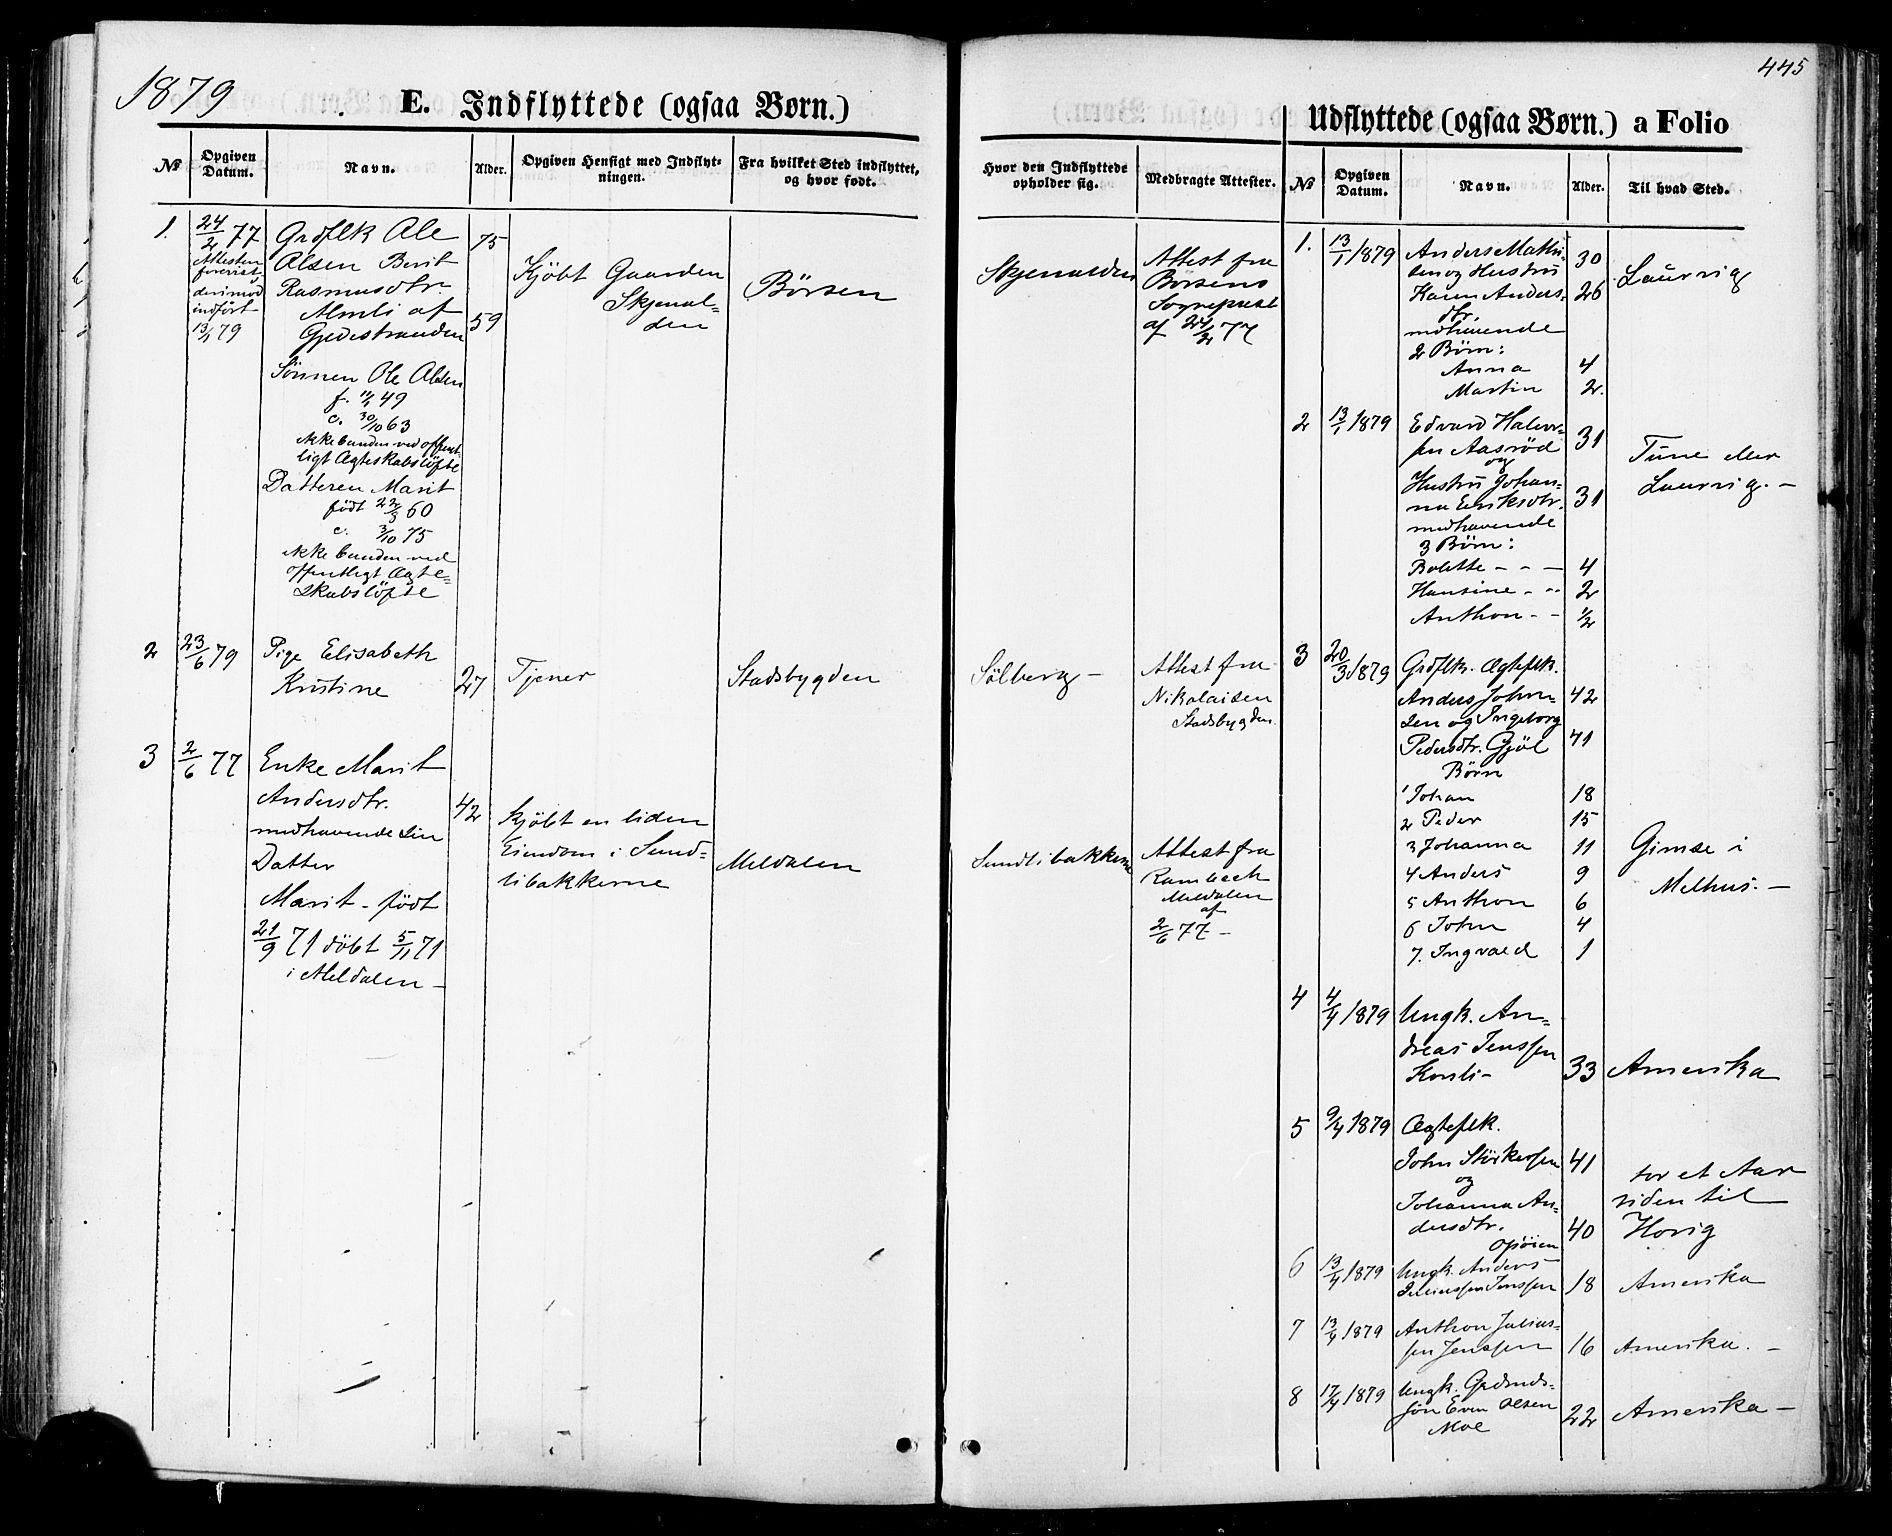 SAT, Ministerialprotokoller, klokkerbøker og fødselsregistre - Sør-Trøndelag, 668/L0807: Ministerialbok nr. 668A07, 1870-1880, s. 445